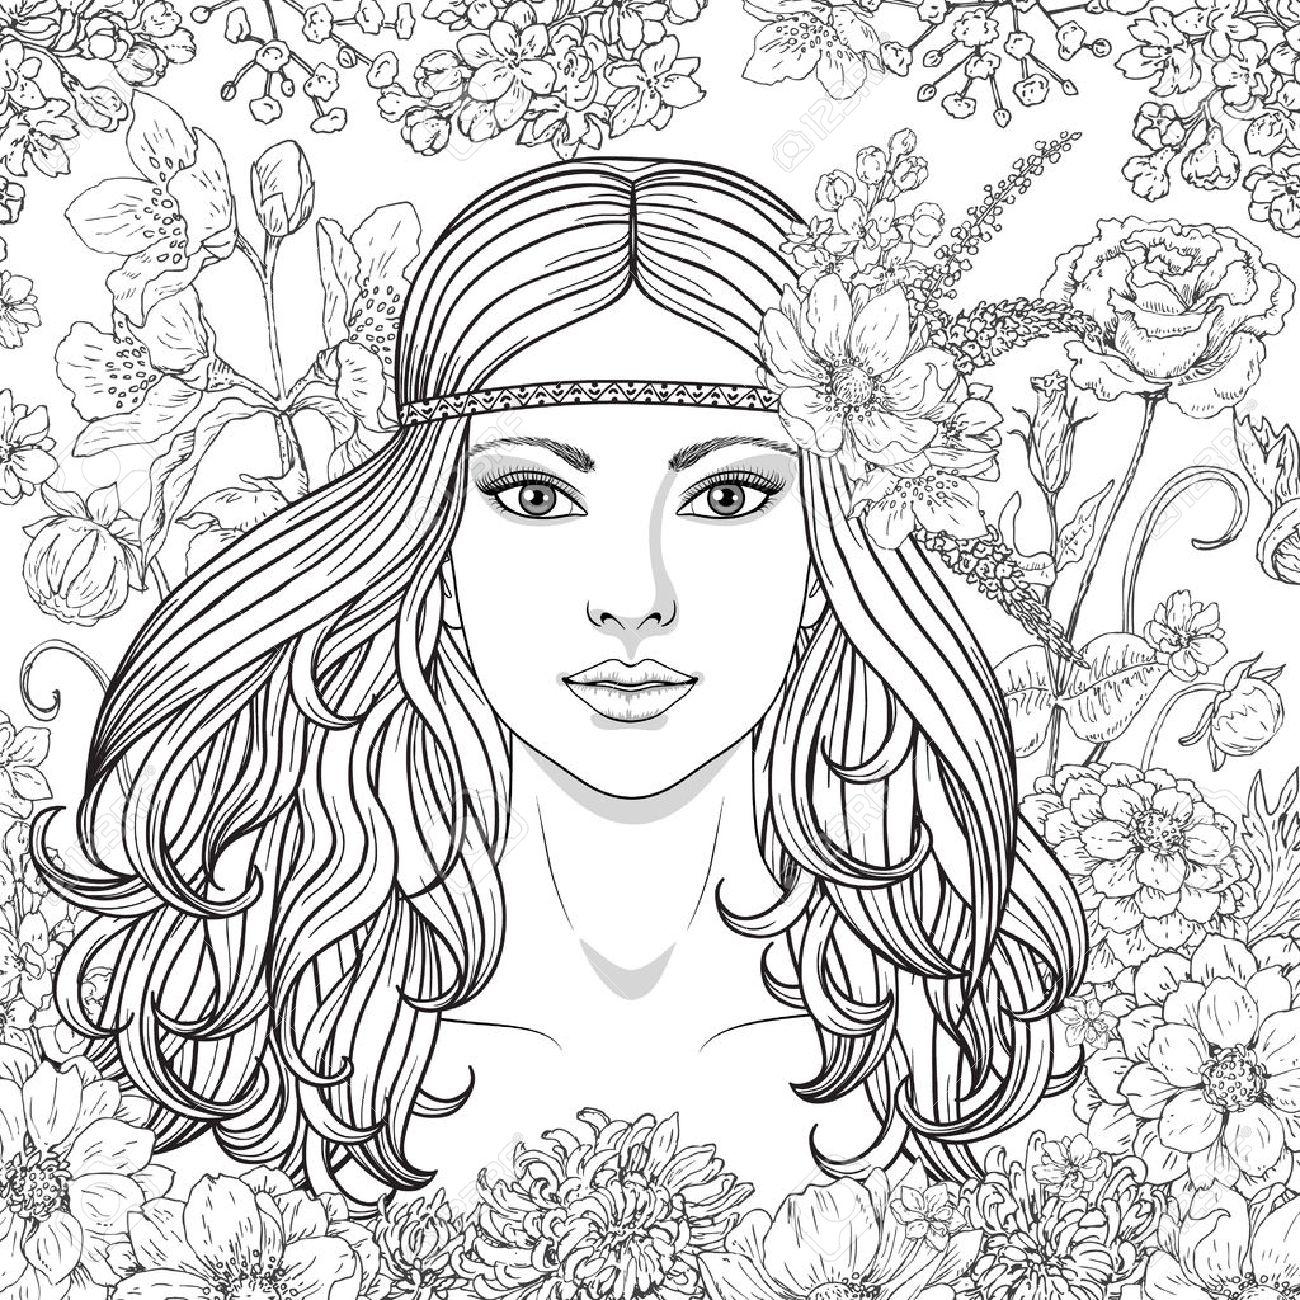 Coloriage Fleur Hippie.Unique Coloriage Hippie Fleurs Cheveux 30000 Collections De